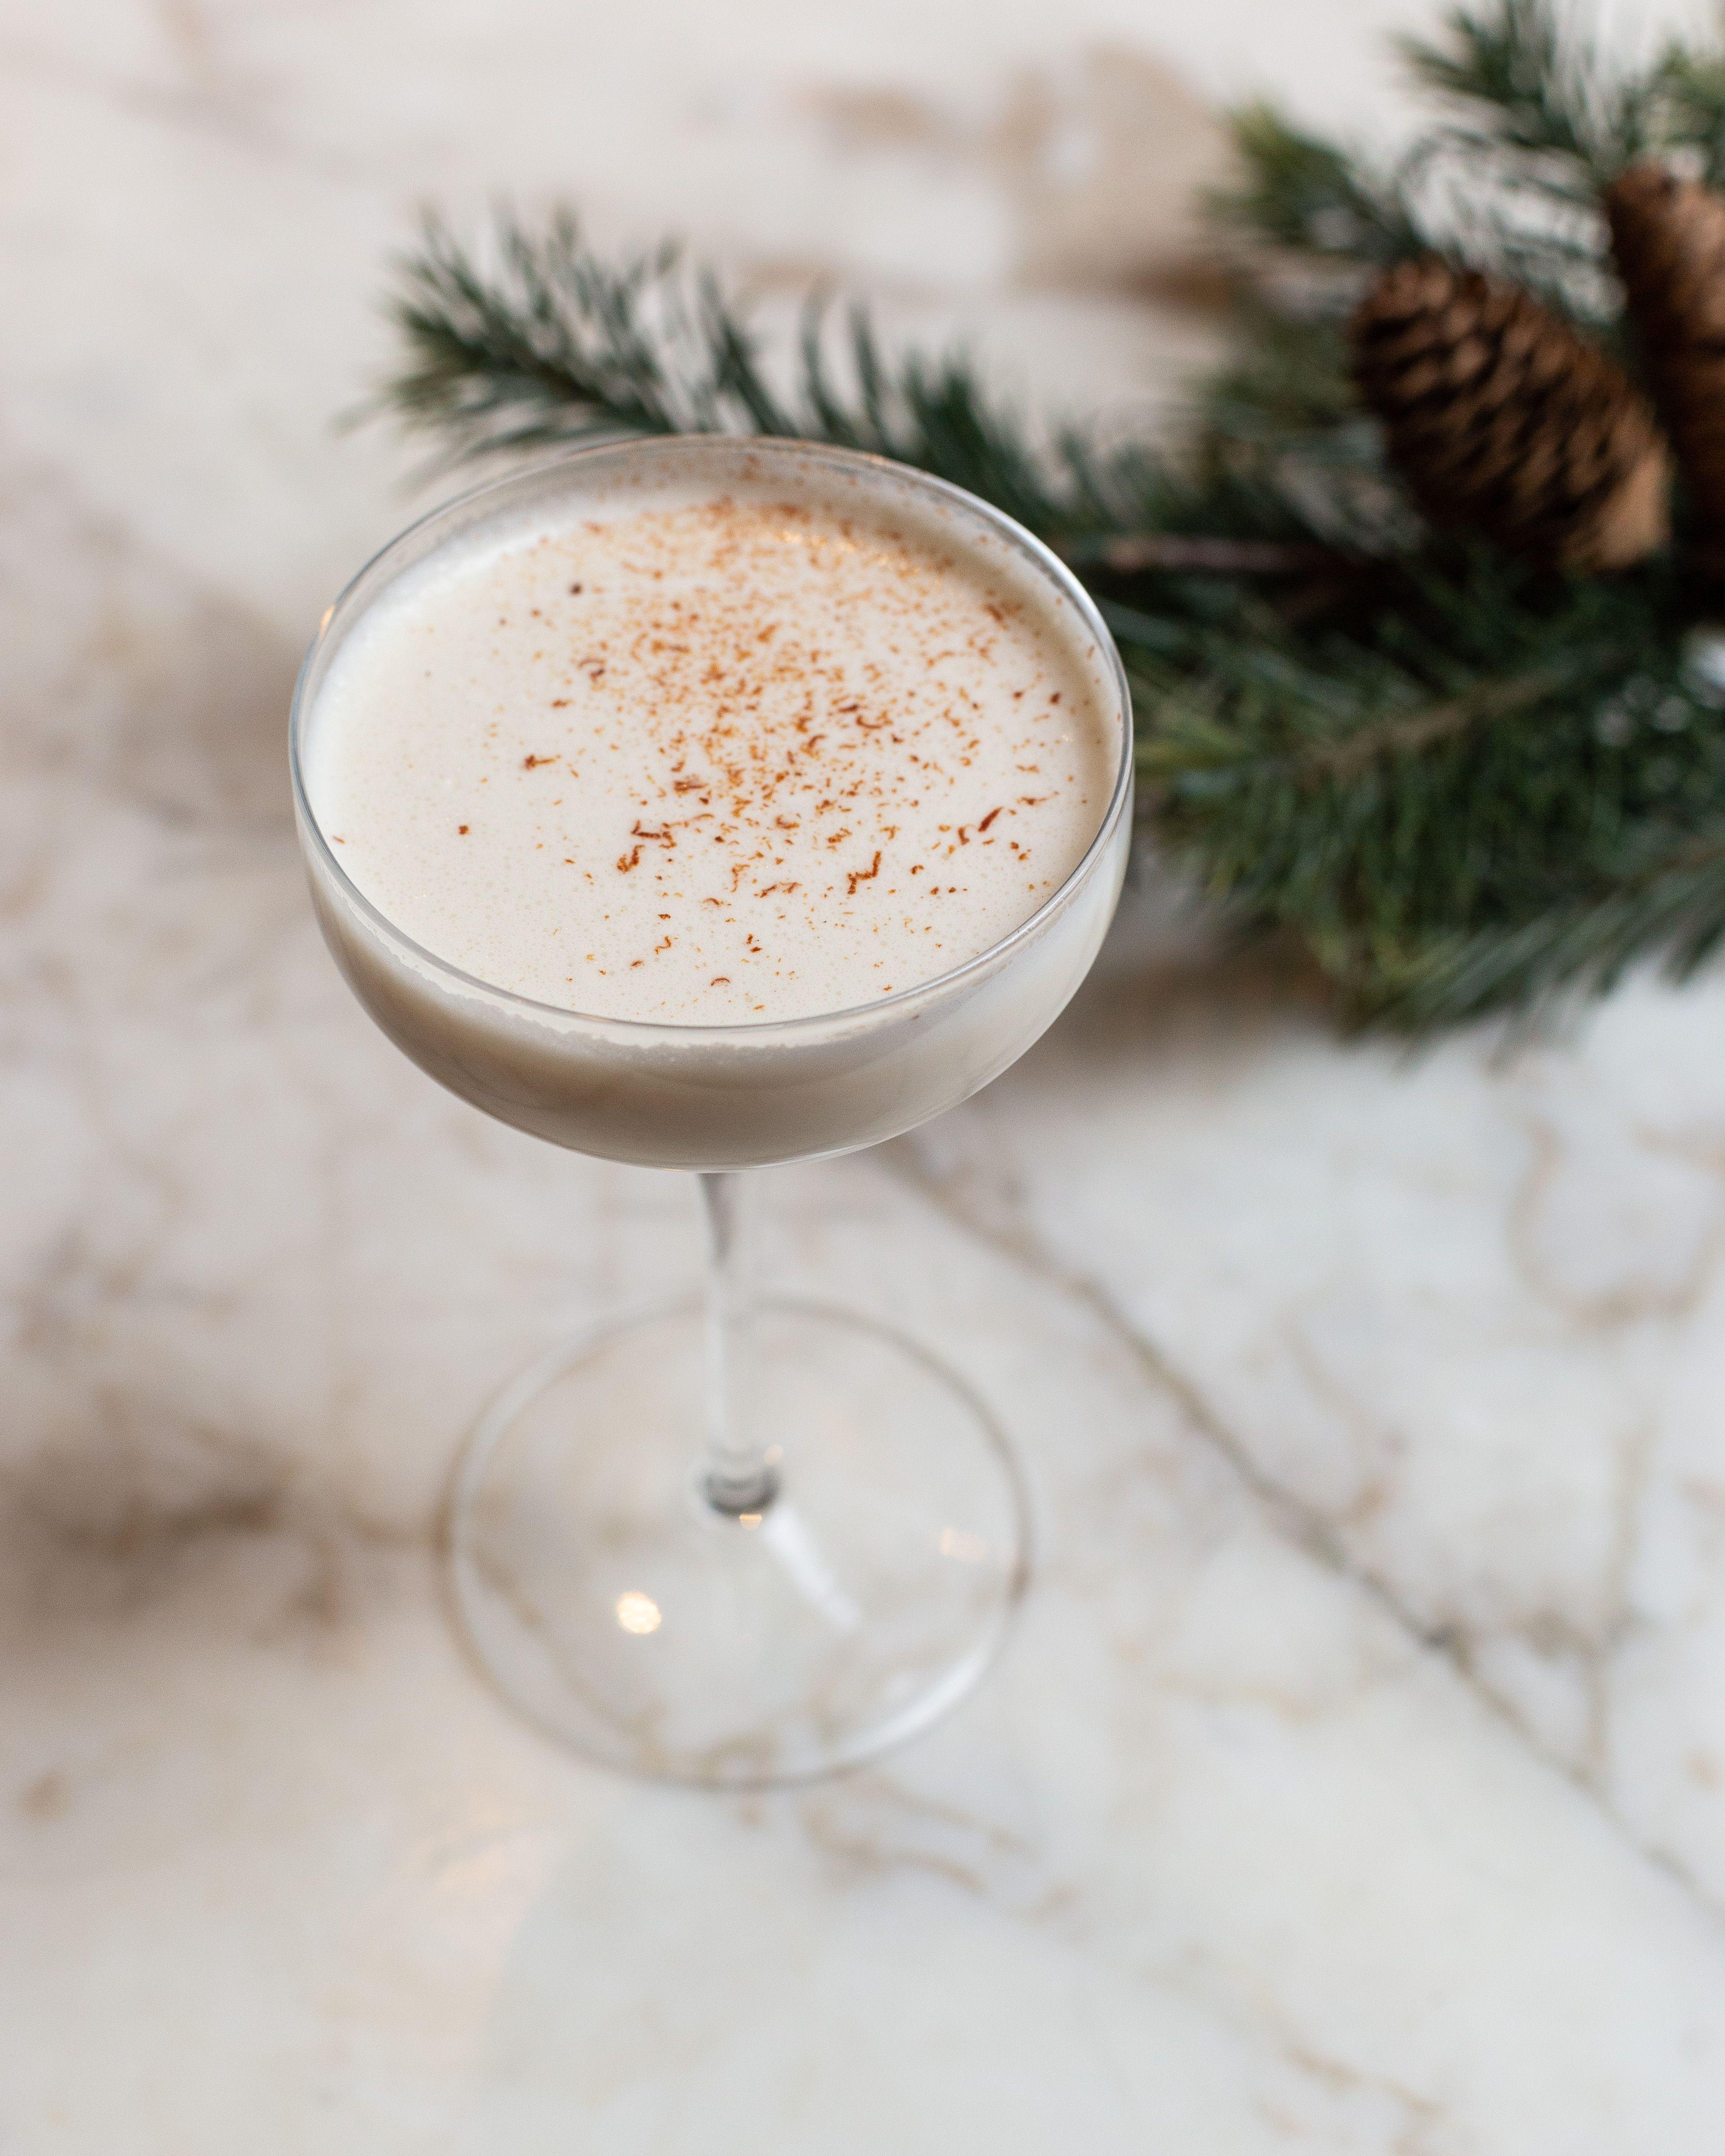 Hot swan winter warmer cocktail coole swan irish cream